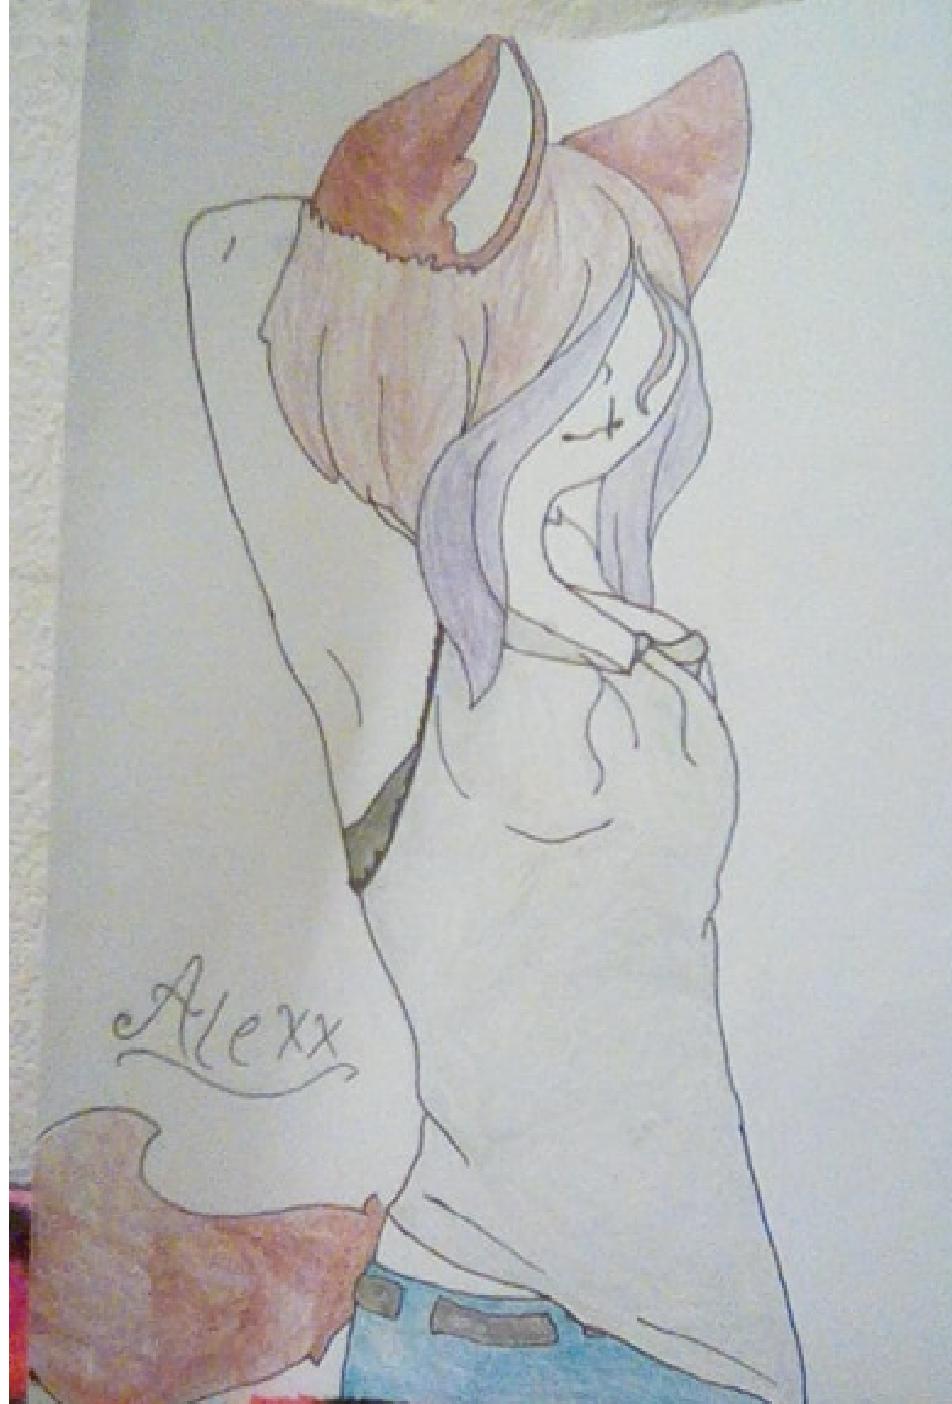 Alexx by emmbug124